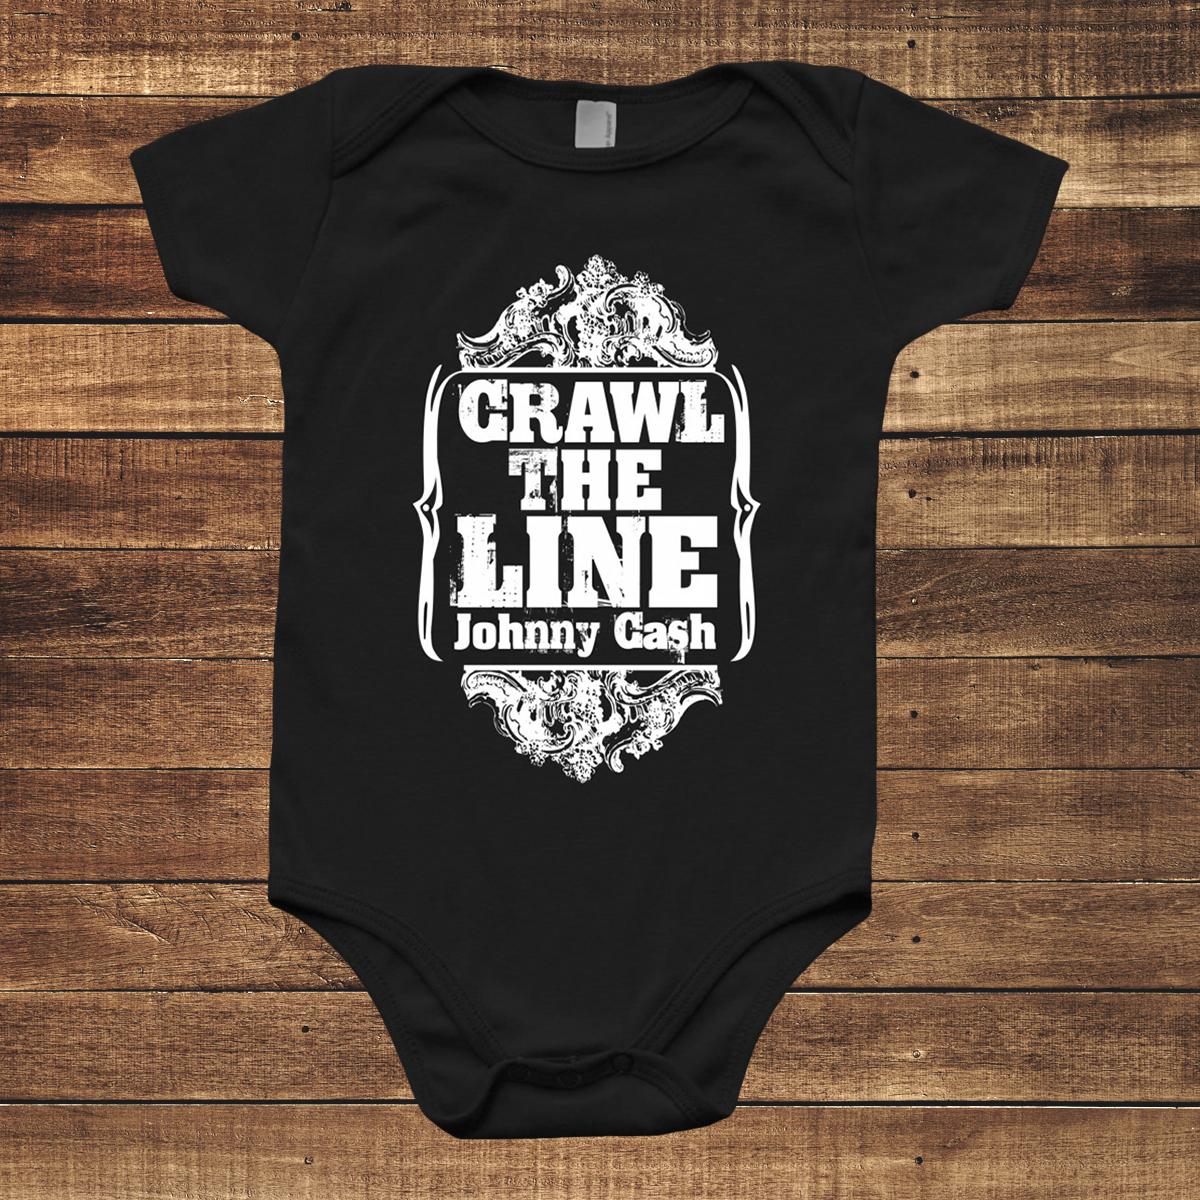 Crawl the Line Onesie